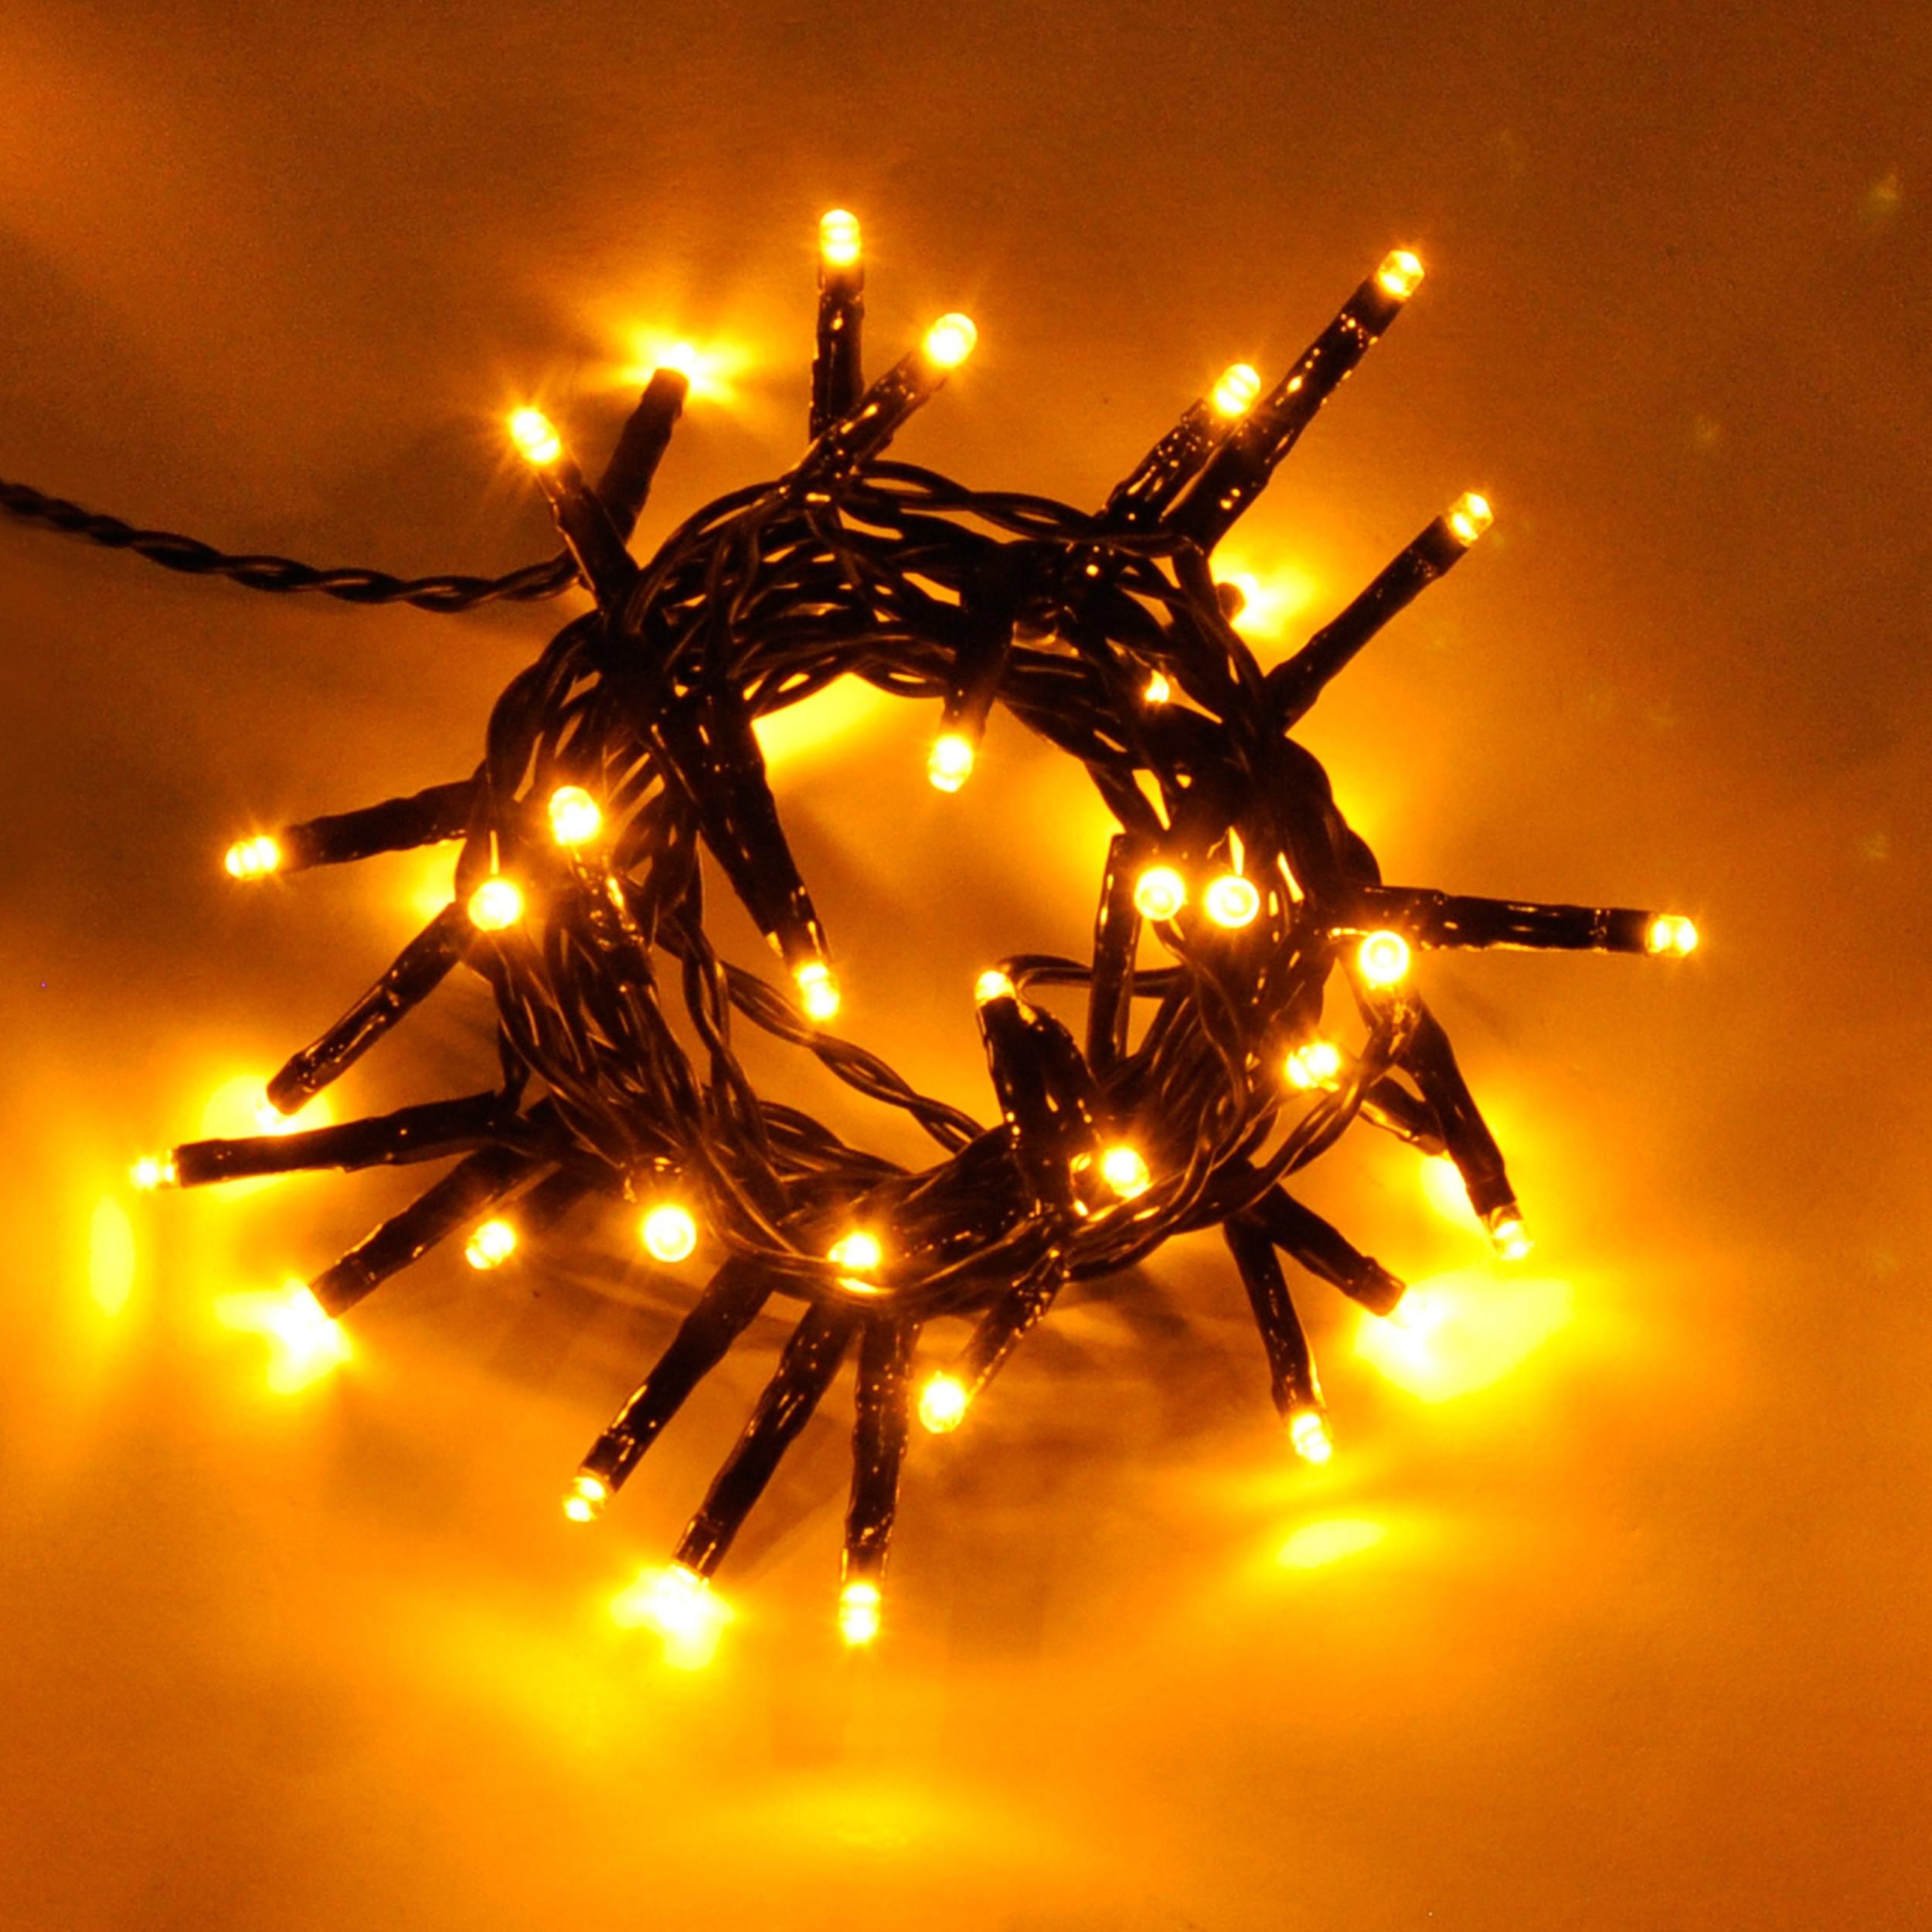 LED Lichterkette Weihnachtsbeleuchtung Outdoor golden-warm-weiß 40 ...